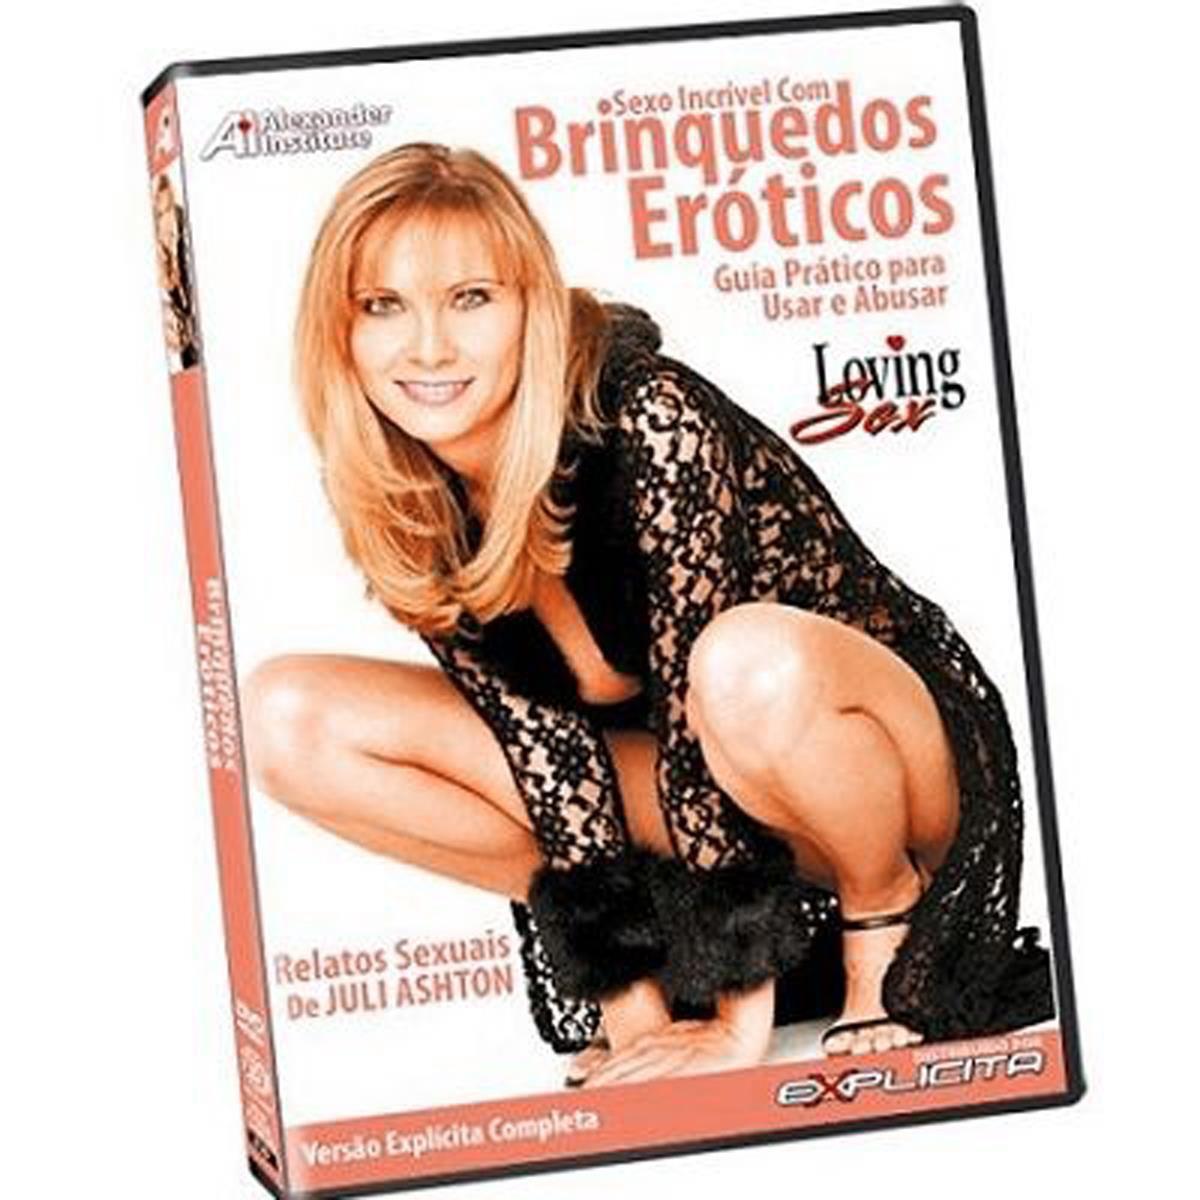 DVD- Sexo Incrível Com Brinquedos Eróticos